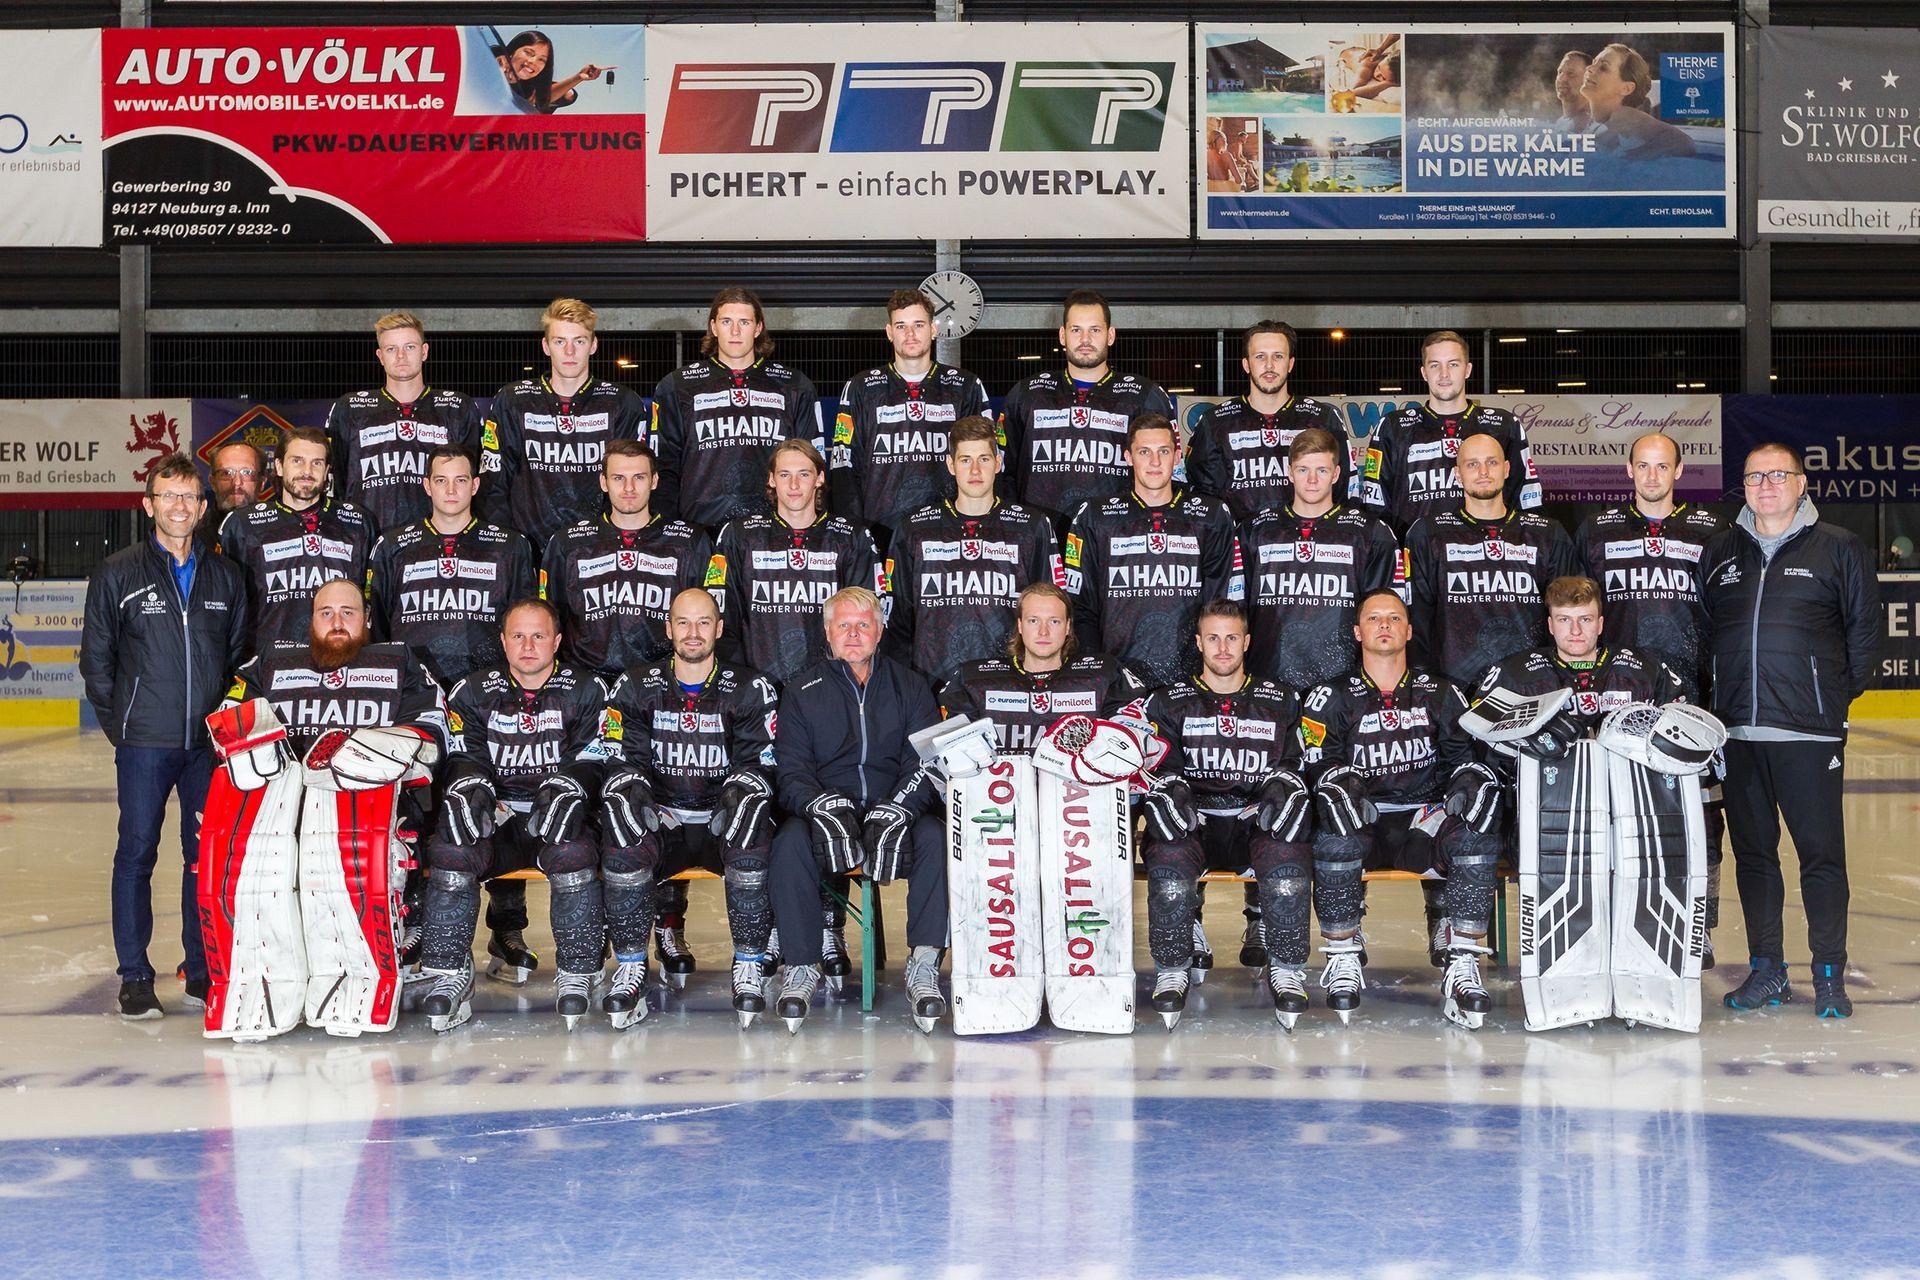 Kader 2019/20 | 1. Eishockey Fanclub Passau e. V.